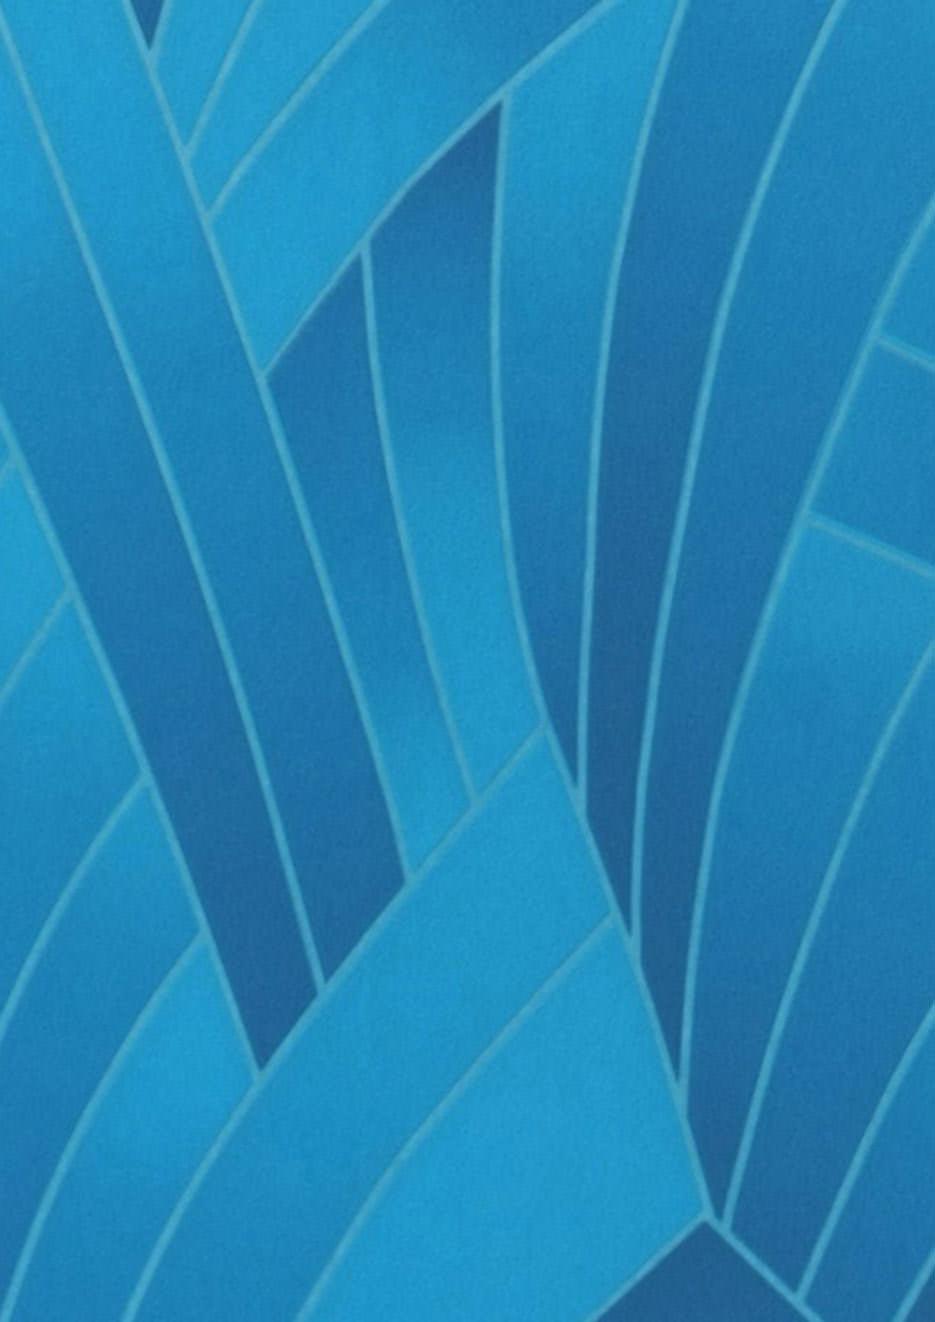 papier peint nocuma bleu fonc bleu d eau papier peint des ann es 70. Black Bedroom Furniture Sets. Home Design Ideas